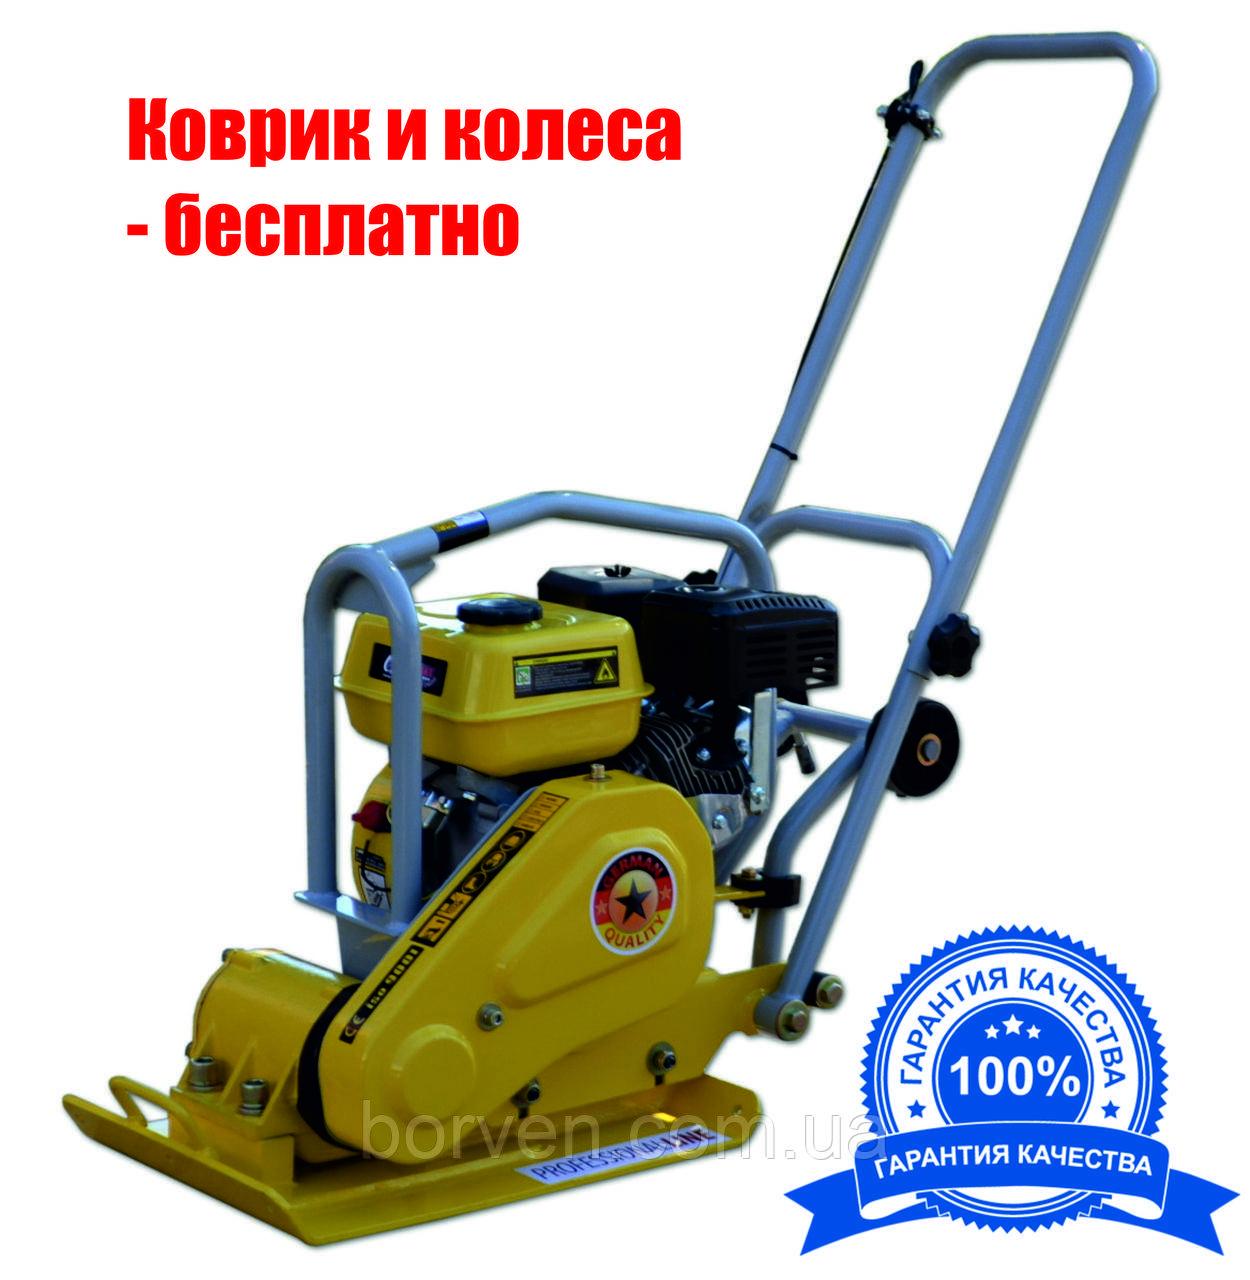 Виброплита Dro Masz DRB-10, 70 kg, Honda